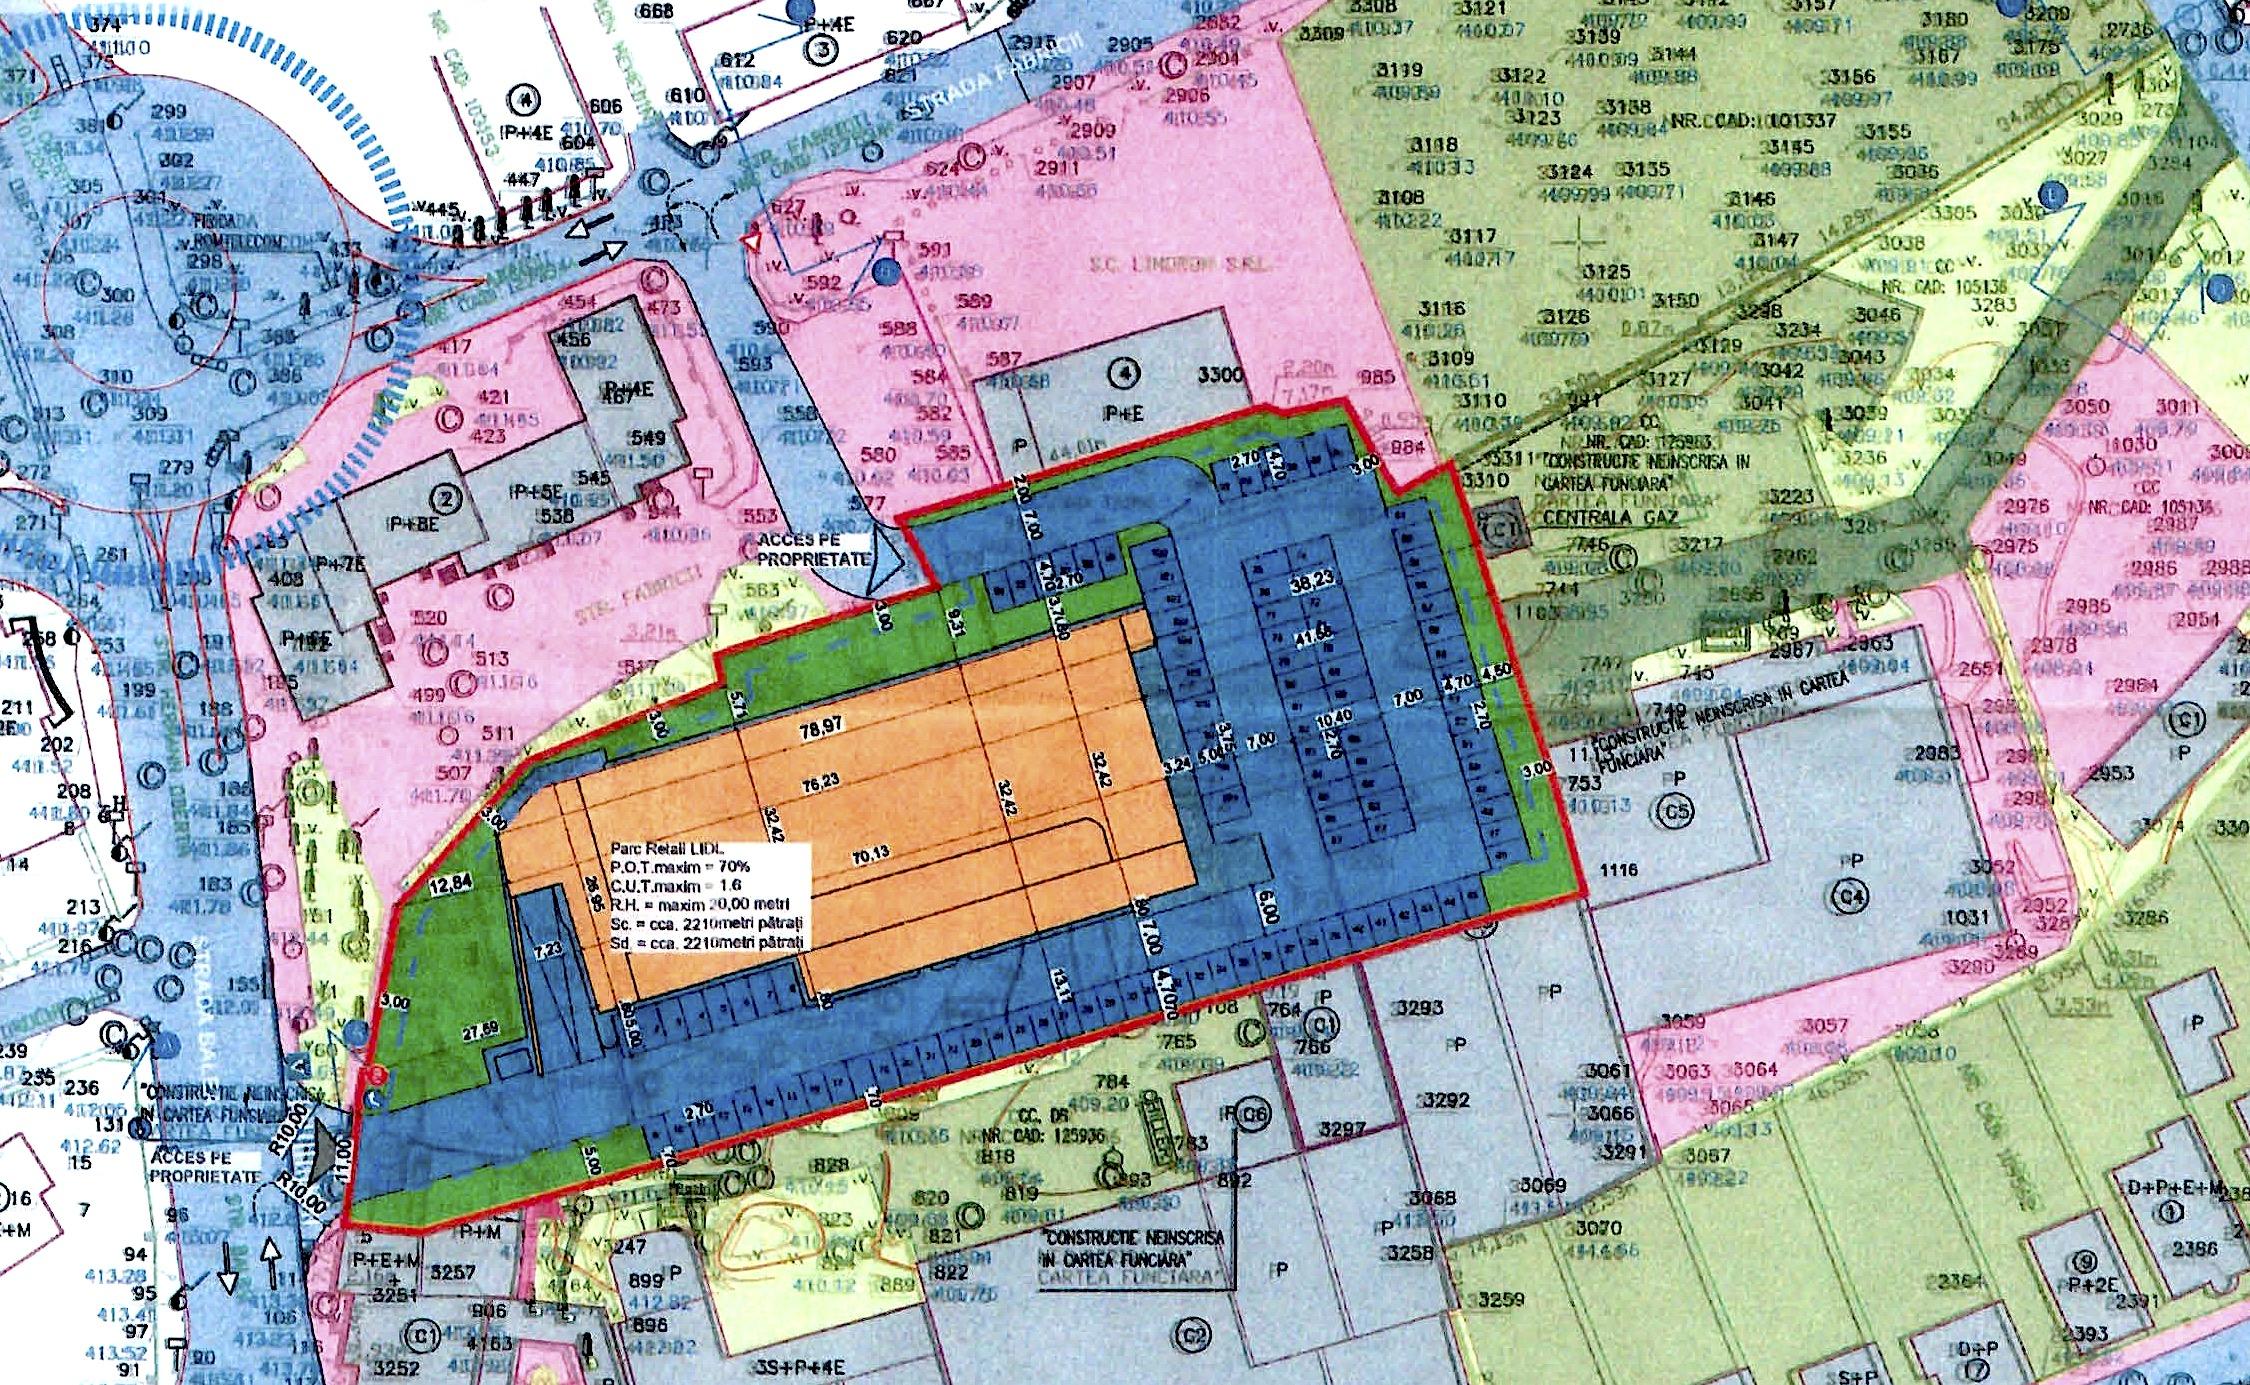 Noul Lidl propus lângă centrul Sibiului a împărțit consilierii locali: FDGR cu PSD, USR PLUS cu PNL